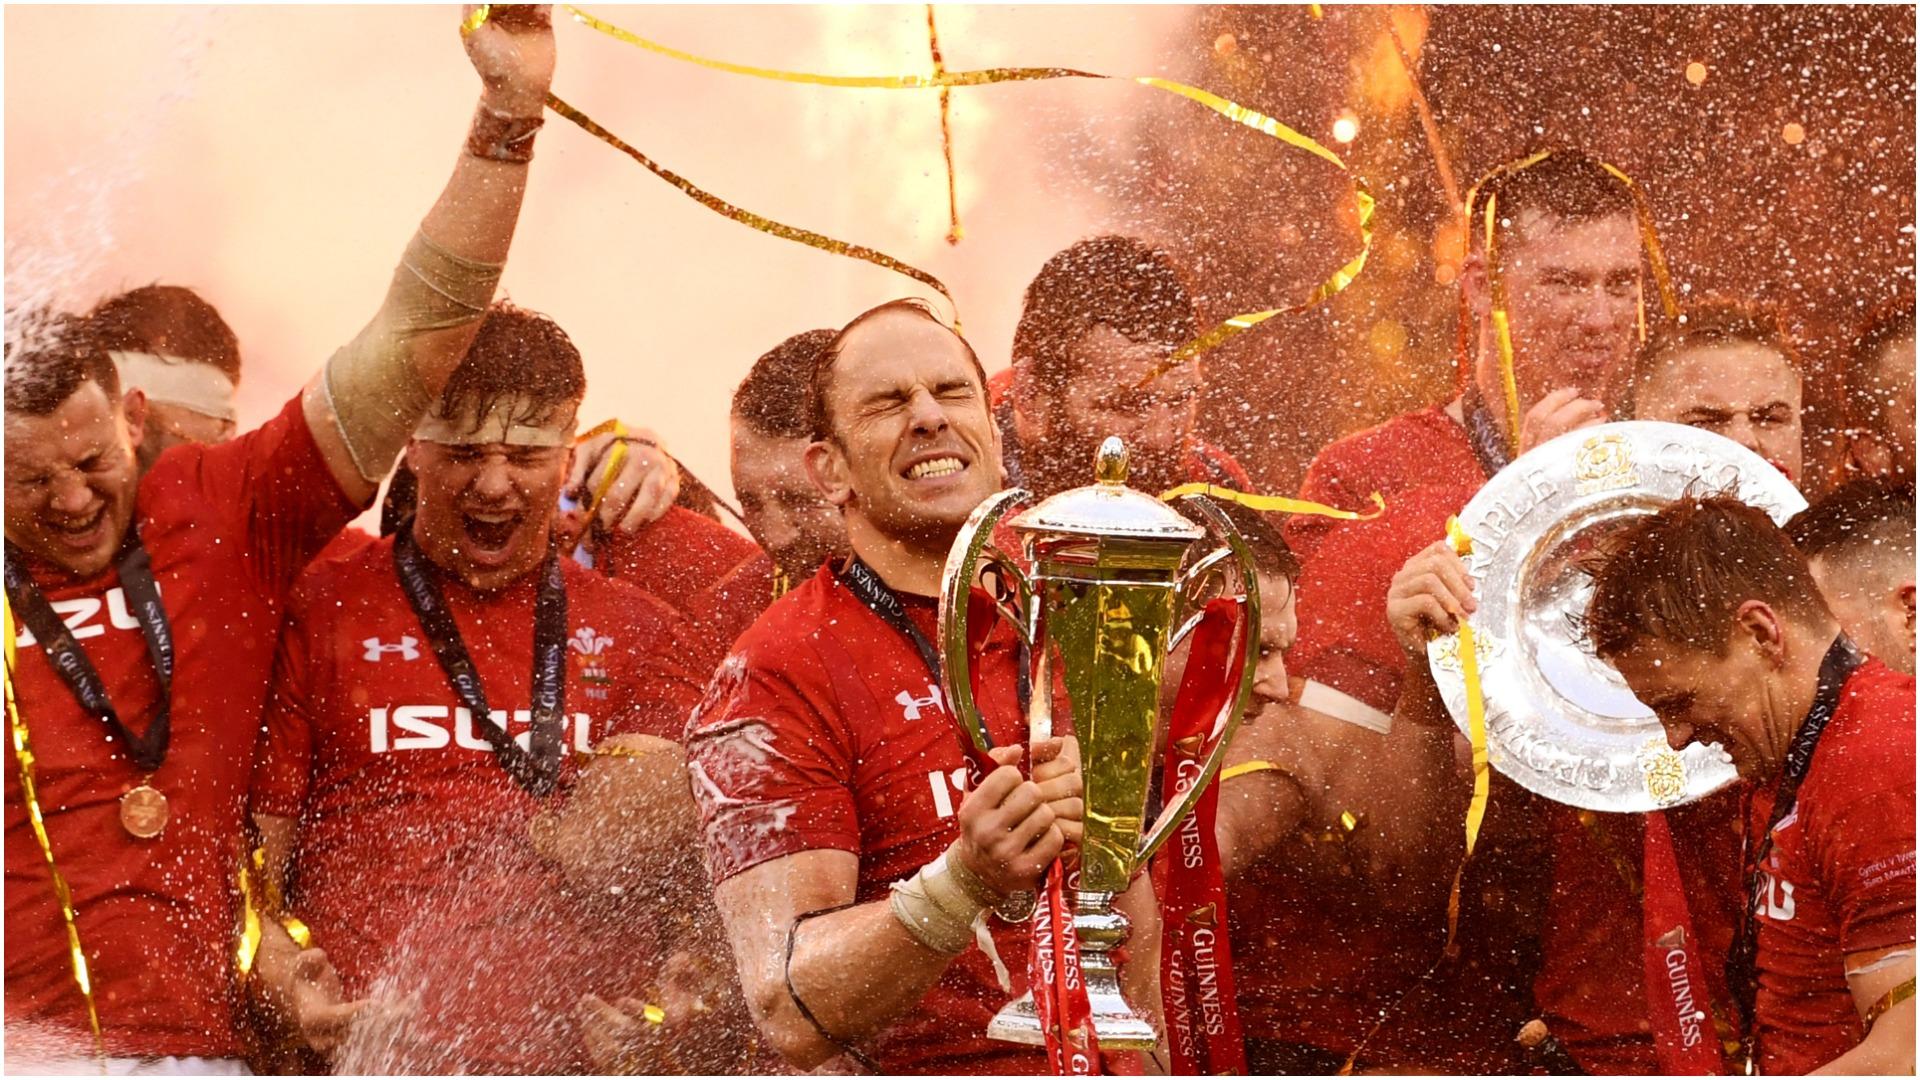 Wales' winning run, Schmidt's home defeat - 2019 Six Nations in Opta numbers